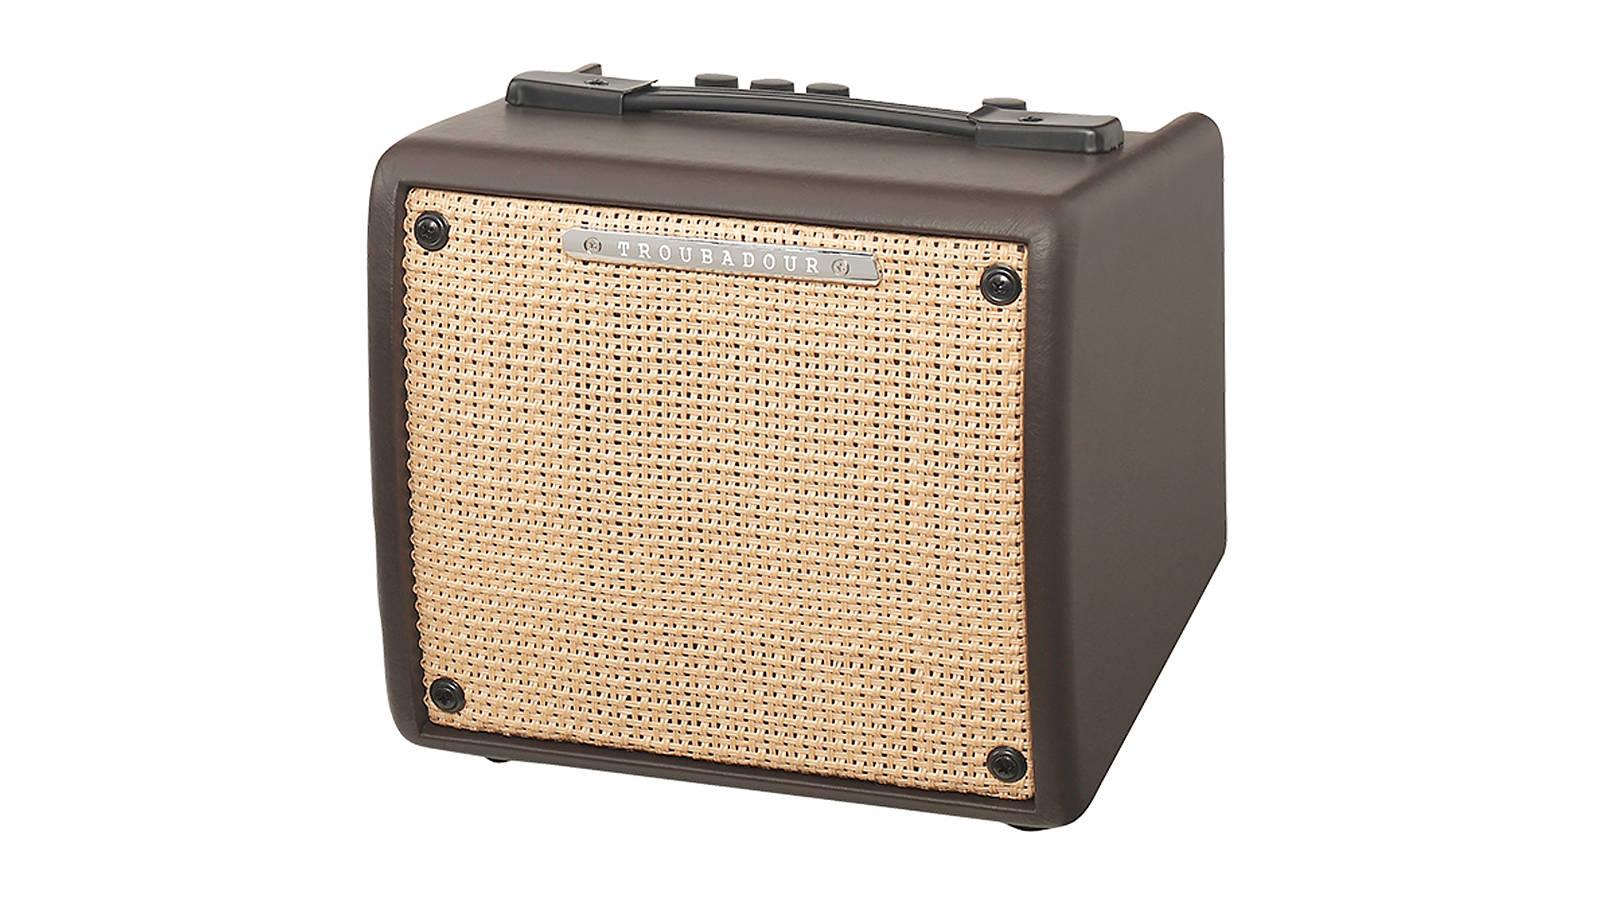 Ibanez T15II Troubadour Acoustic Amp